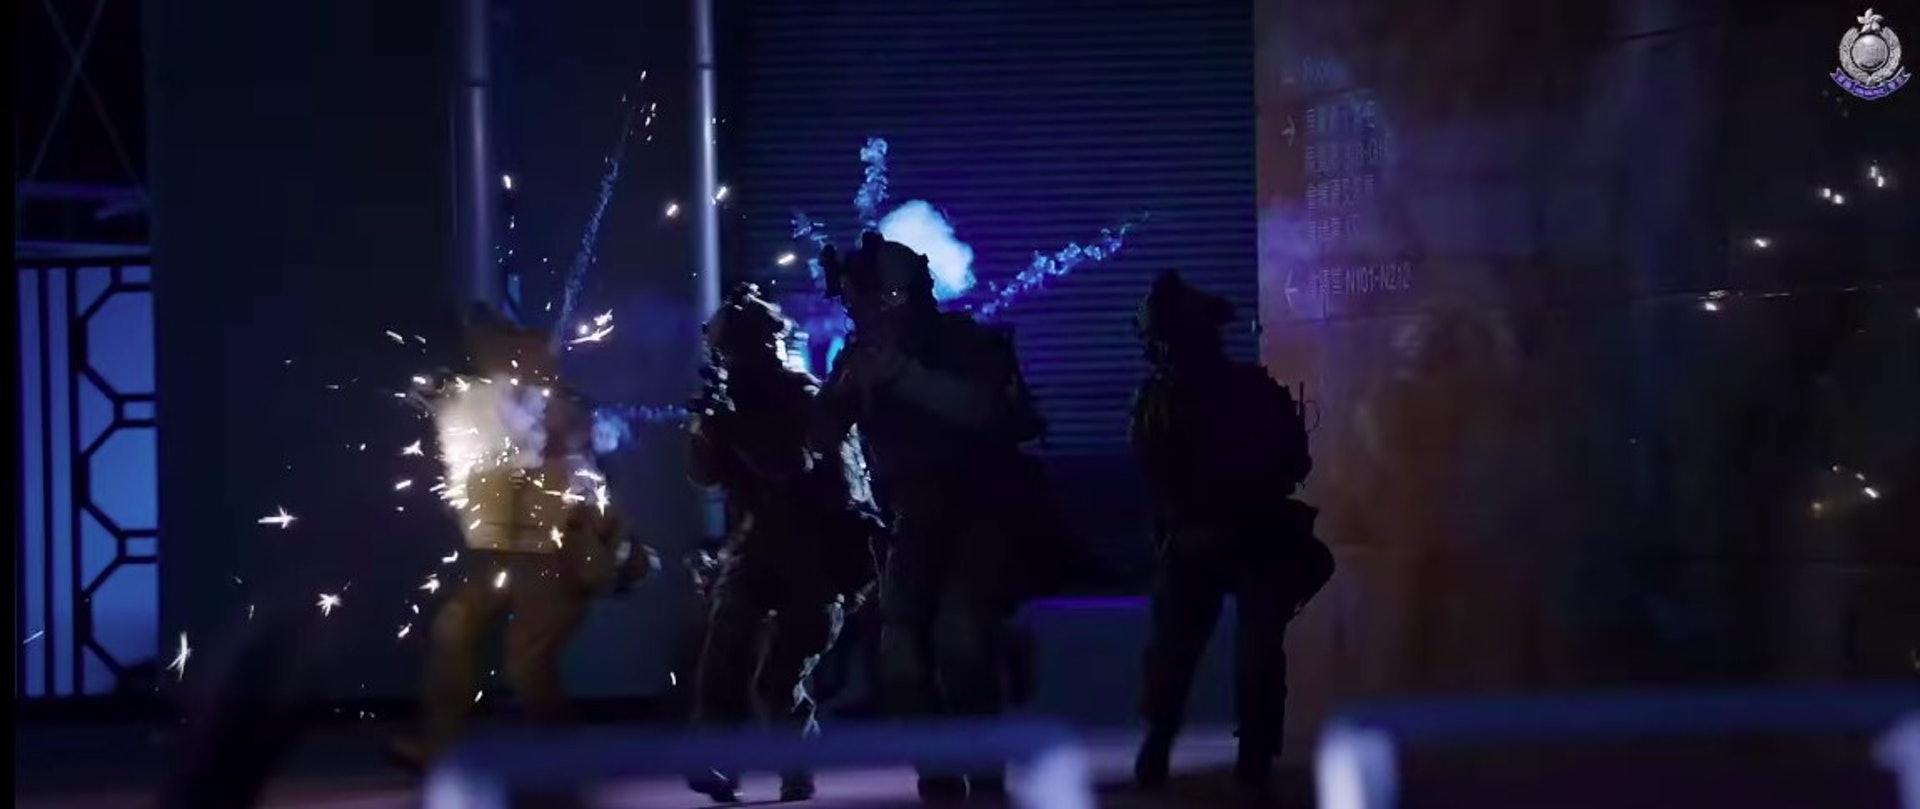 警隊製作《守城》宣傳片,特警隊與恐怖分子駁火。(《守城》截圖)